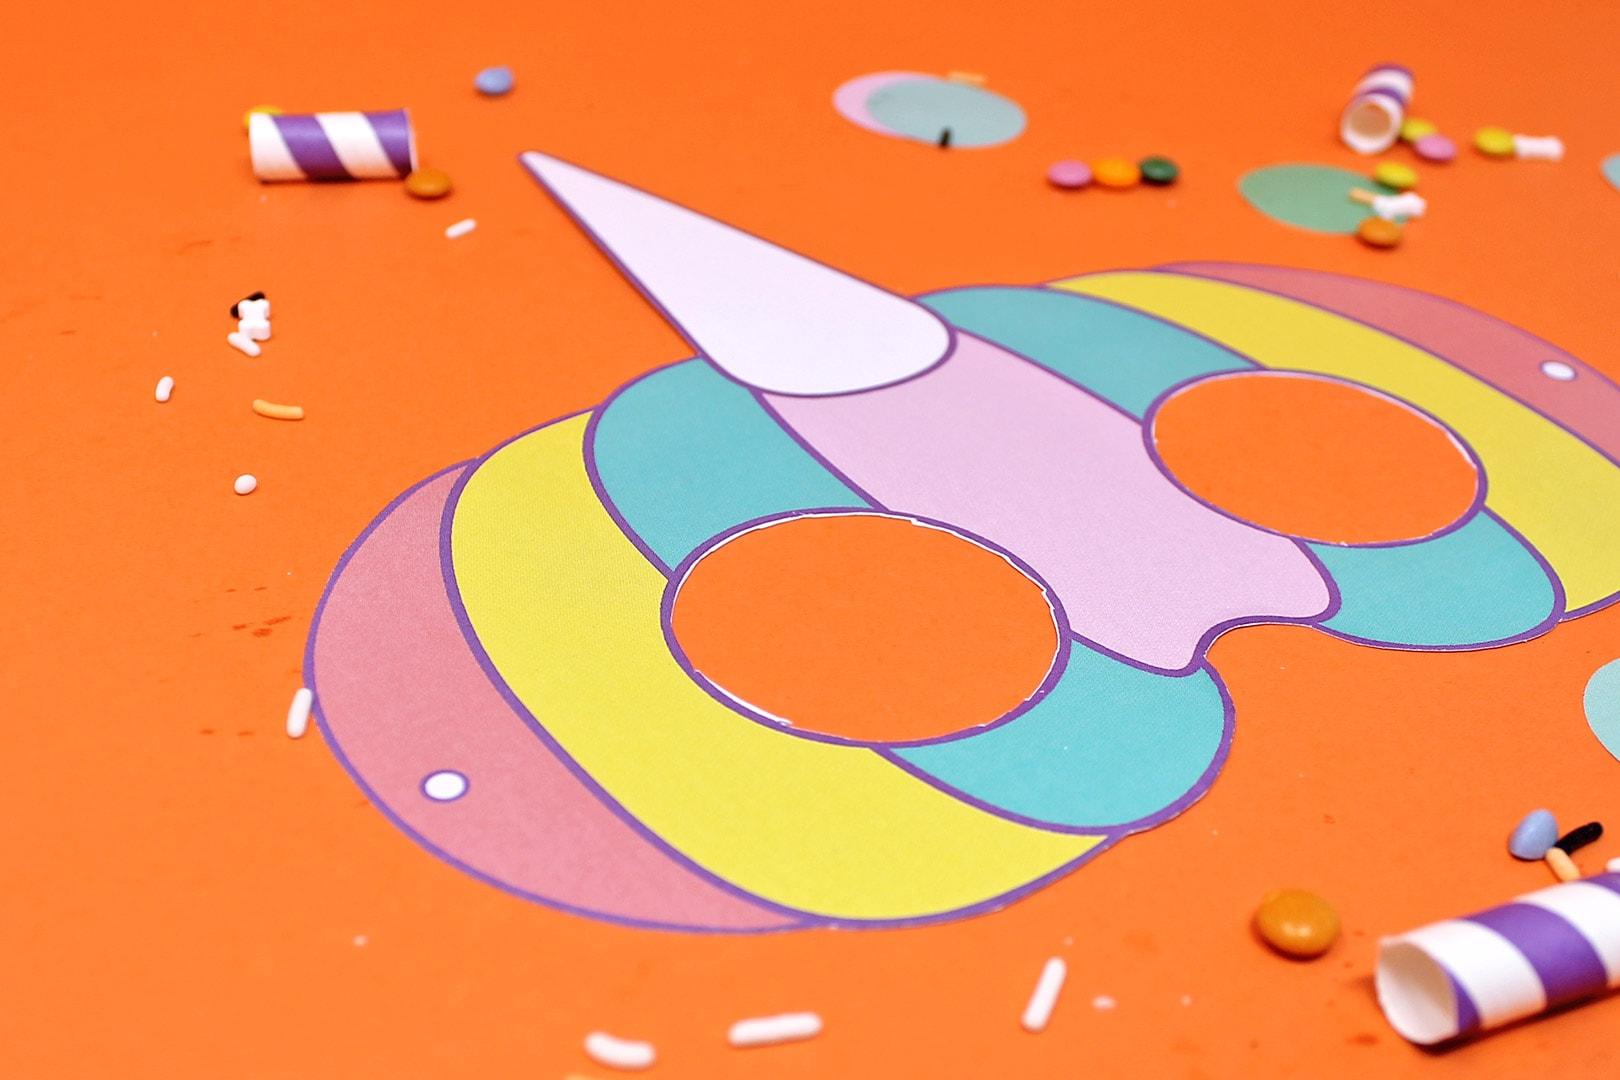 maschera-zucca-halloween-super-colors-1-min